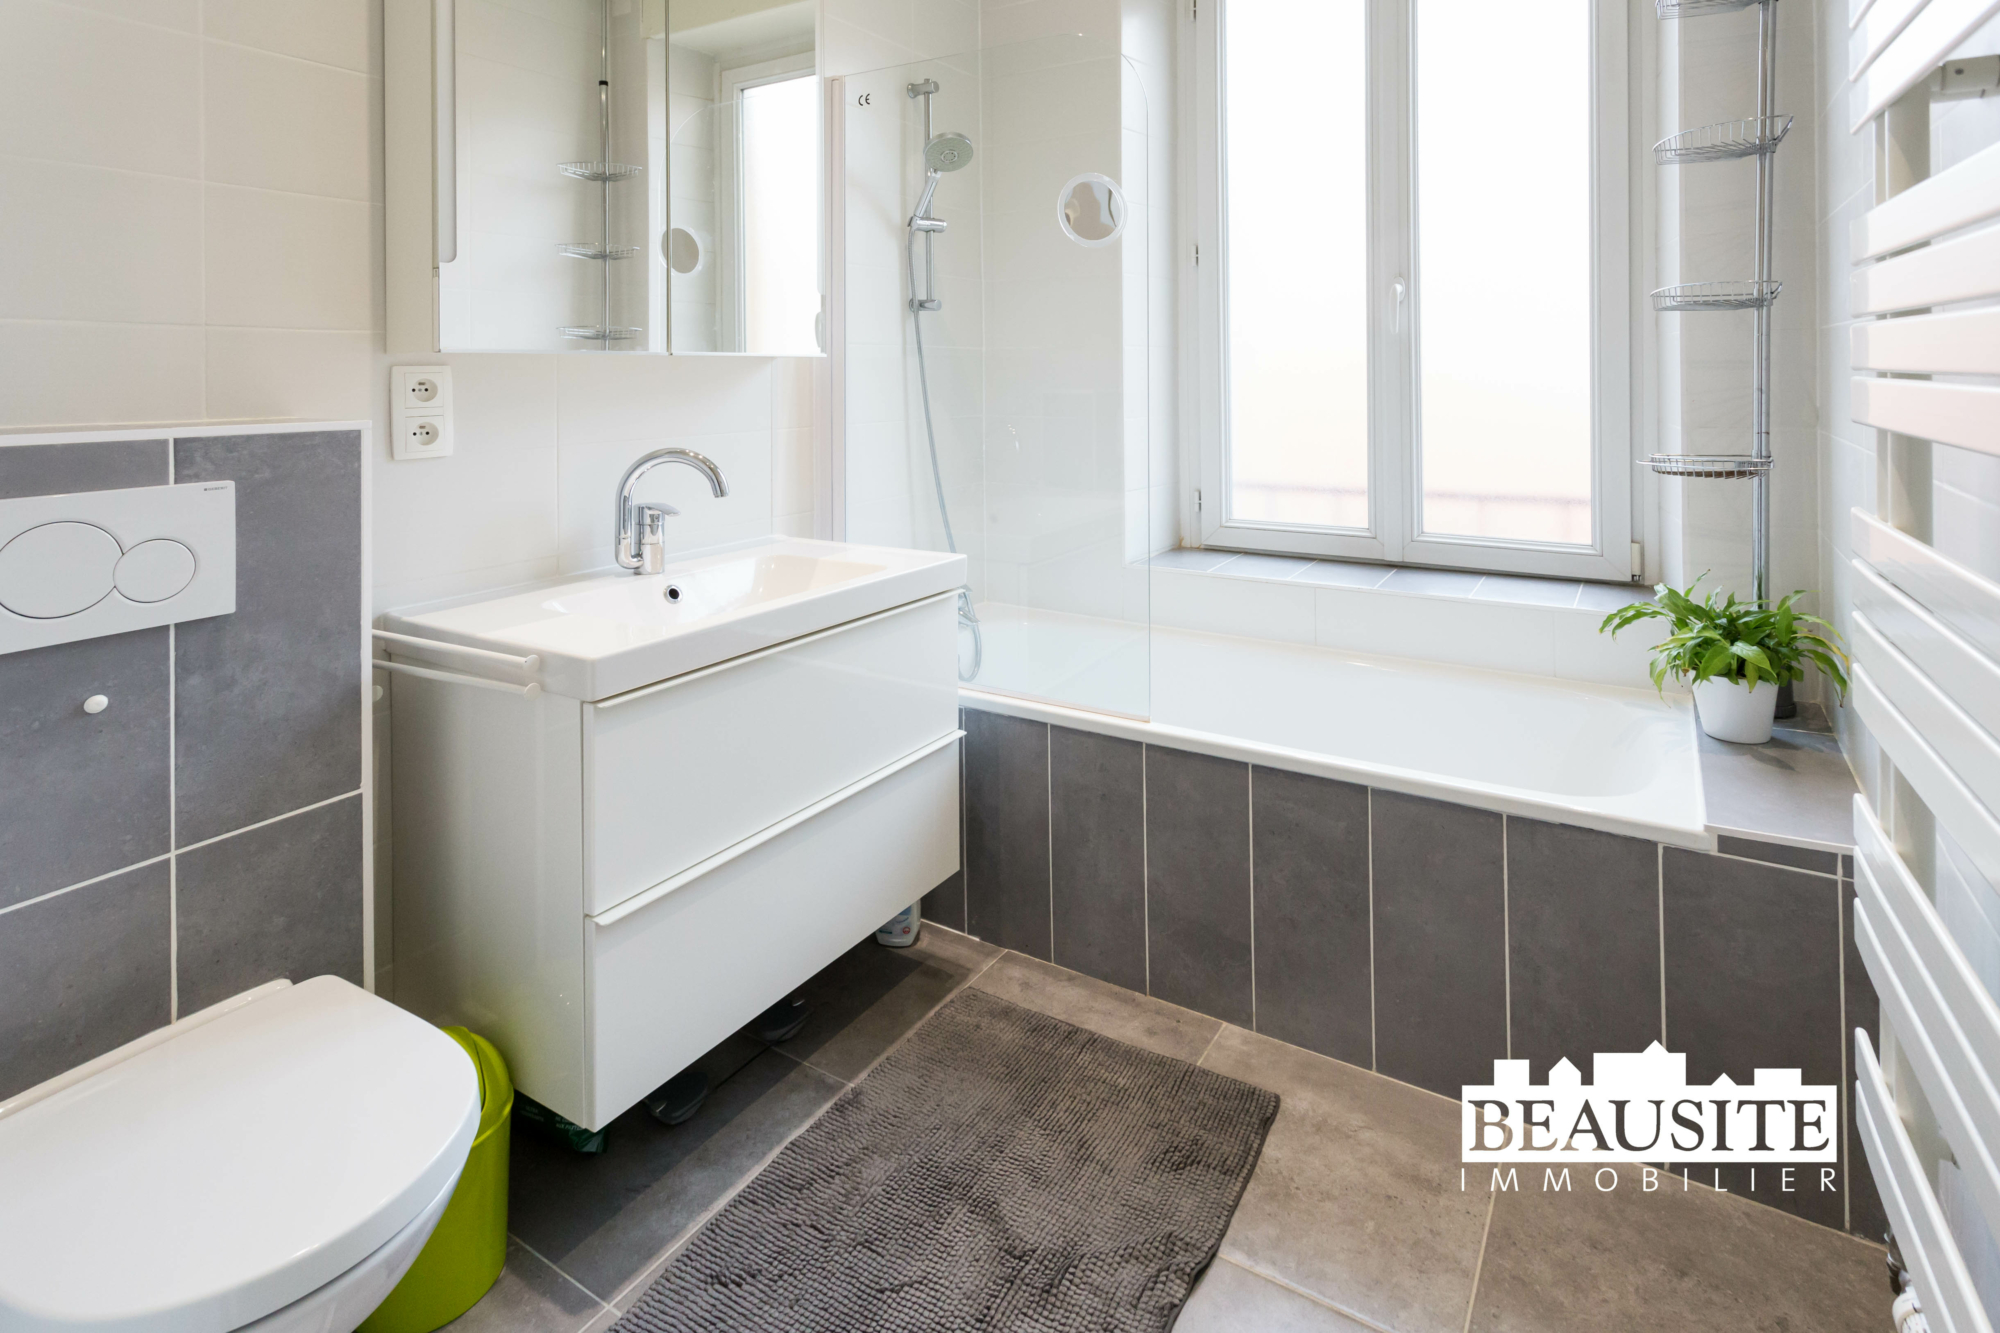 [La bulle] Un appartement cosy au cœur de Strasbourg - Halles / rue du Marché - nos ventes - Beausite Immobilier 11